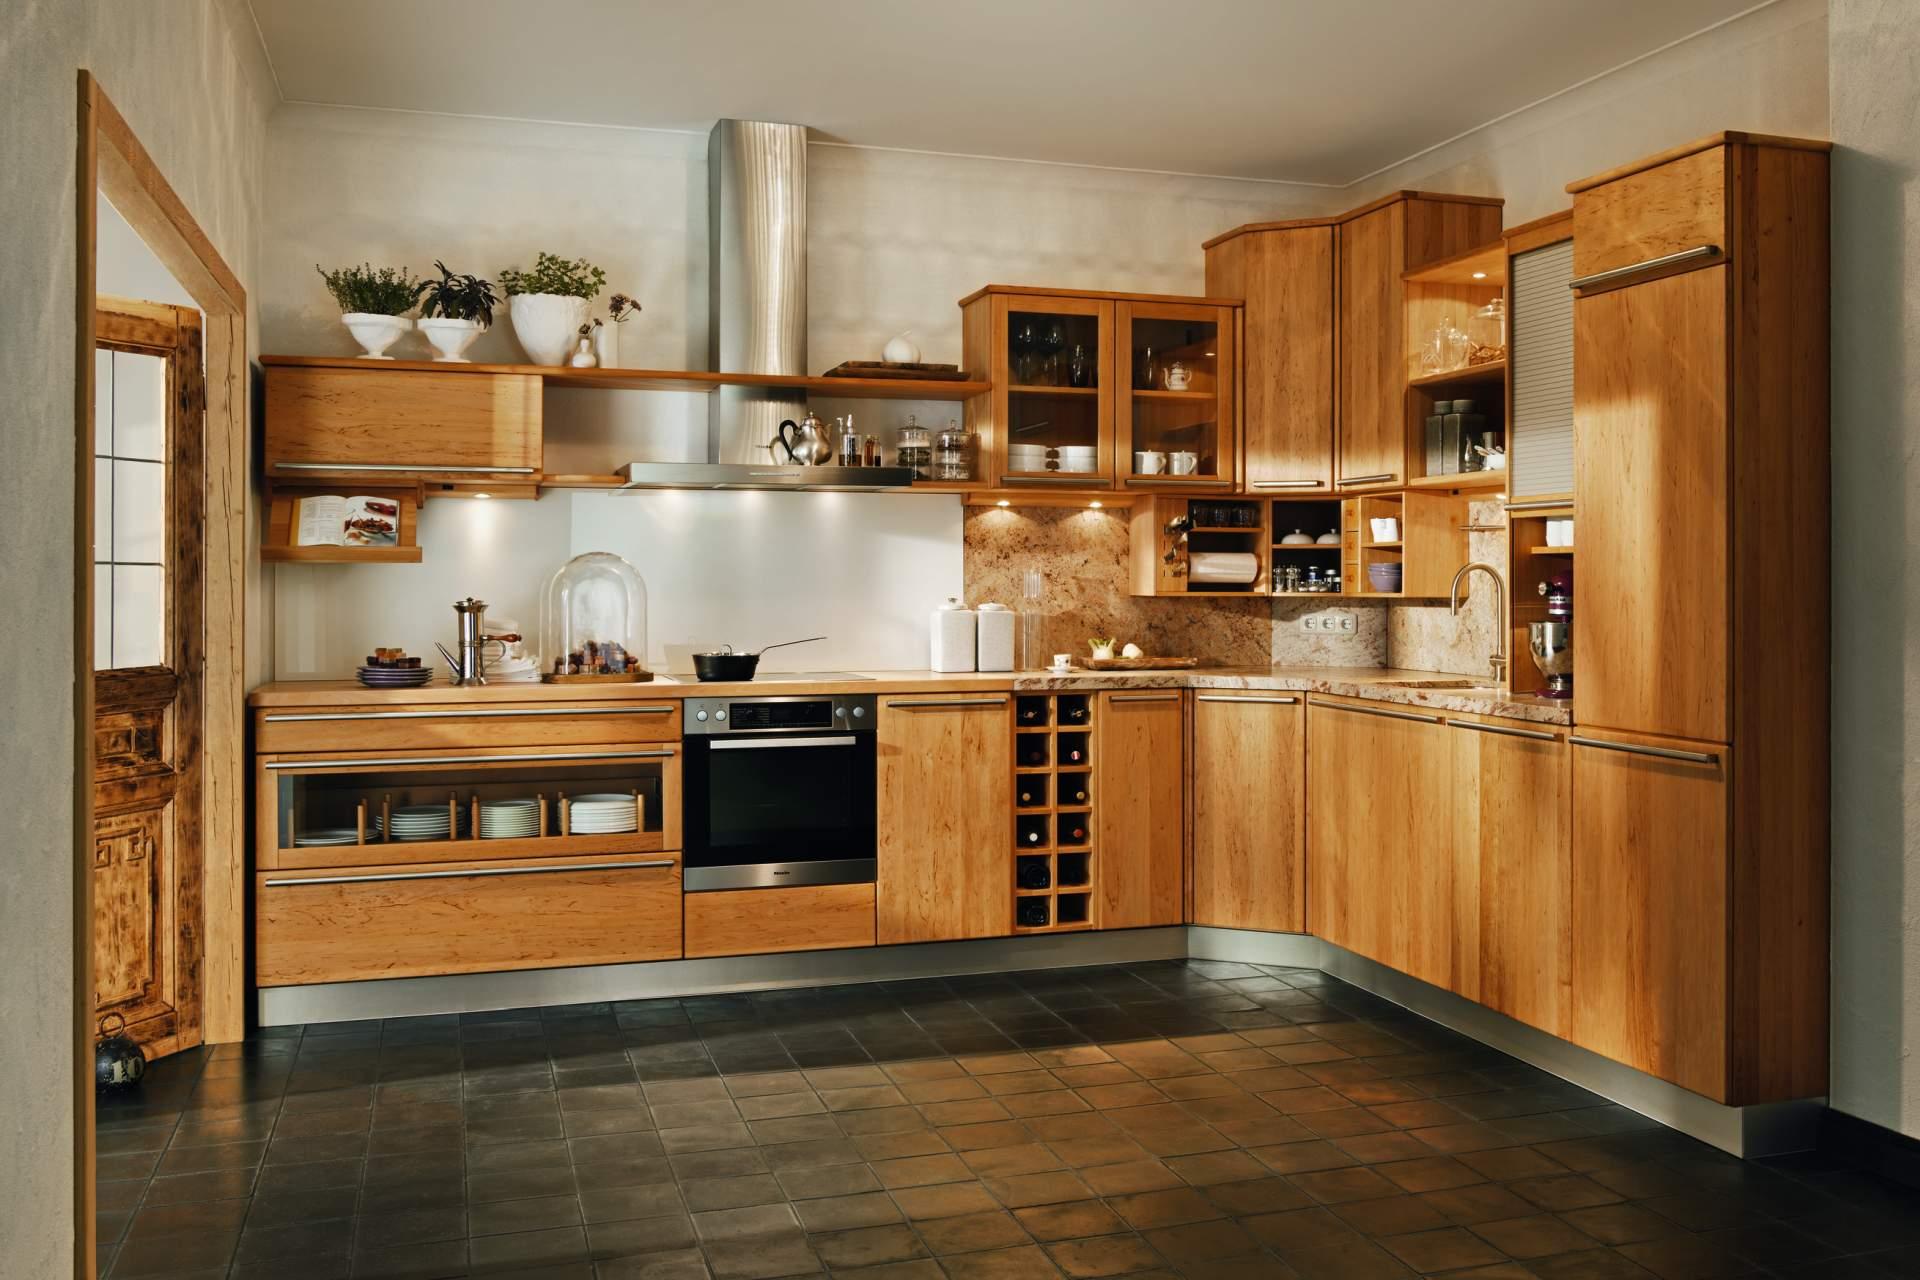 Full Size of Alternative Küchen Kche Rondo Biombel Genske Regal Sofa Alternatives Wohnzimmer Alternative Küchen